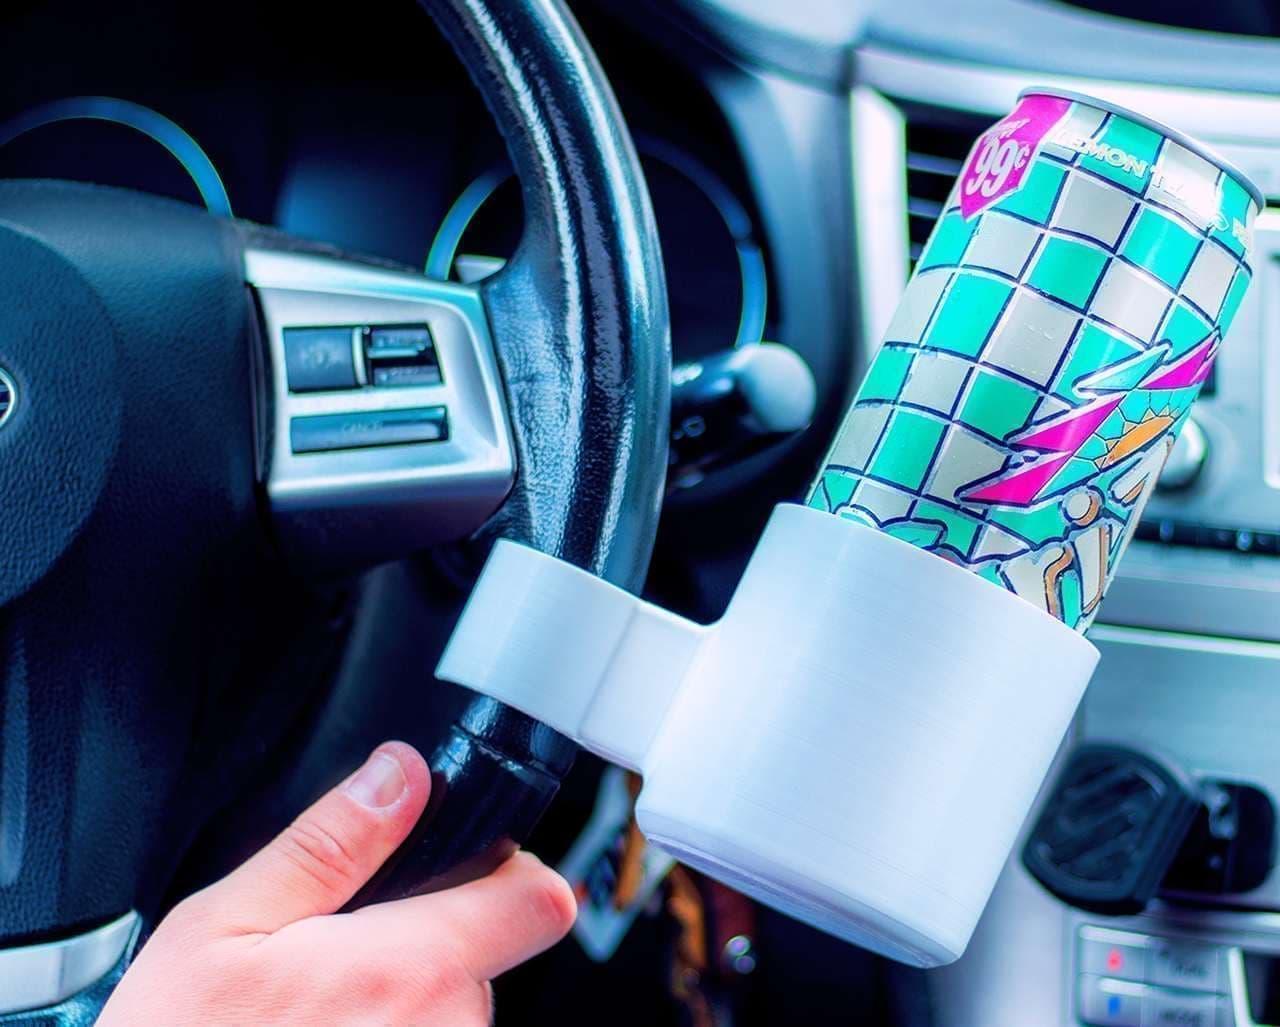 ハンドルに取り付けるカップホルダー「RoadHold」